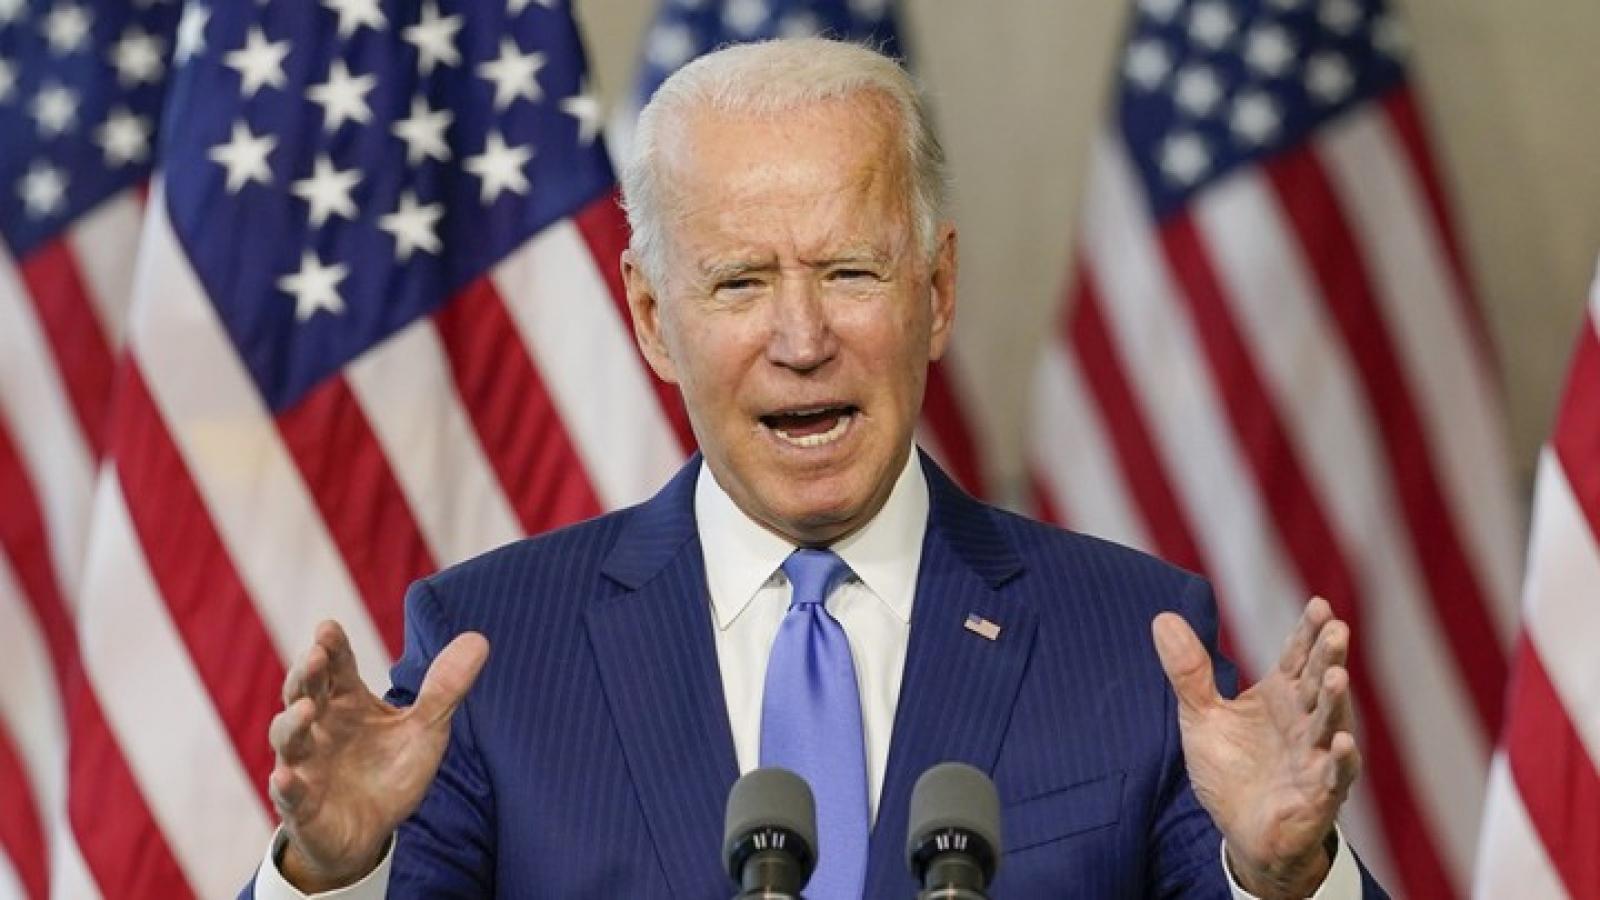 Chiến lược với các đồng minh của ông Biden có gì thay đổi nếu đắc cử?